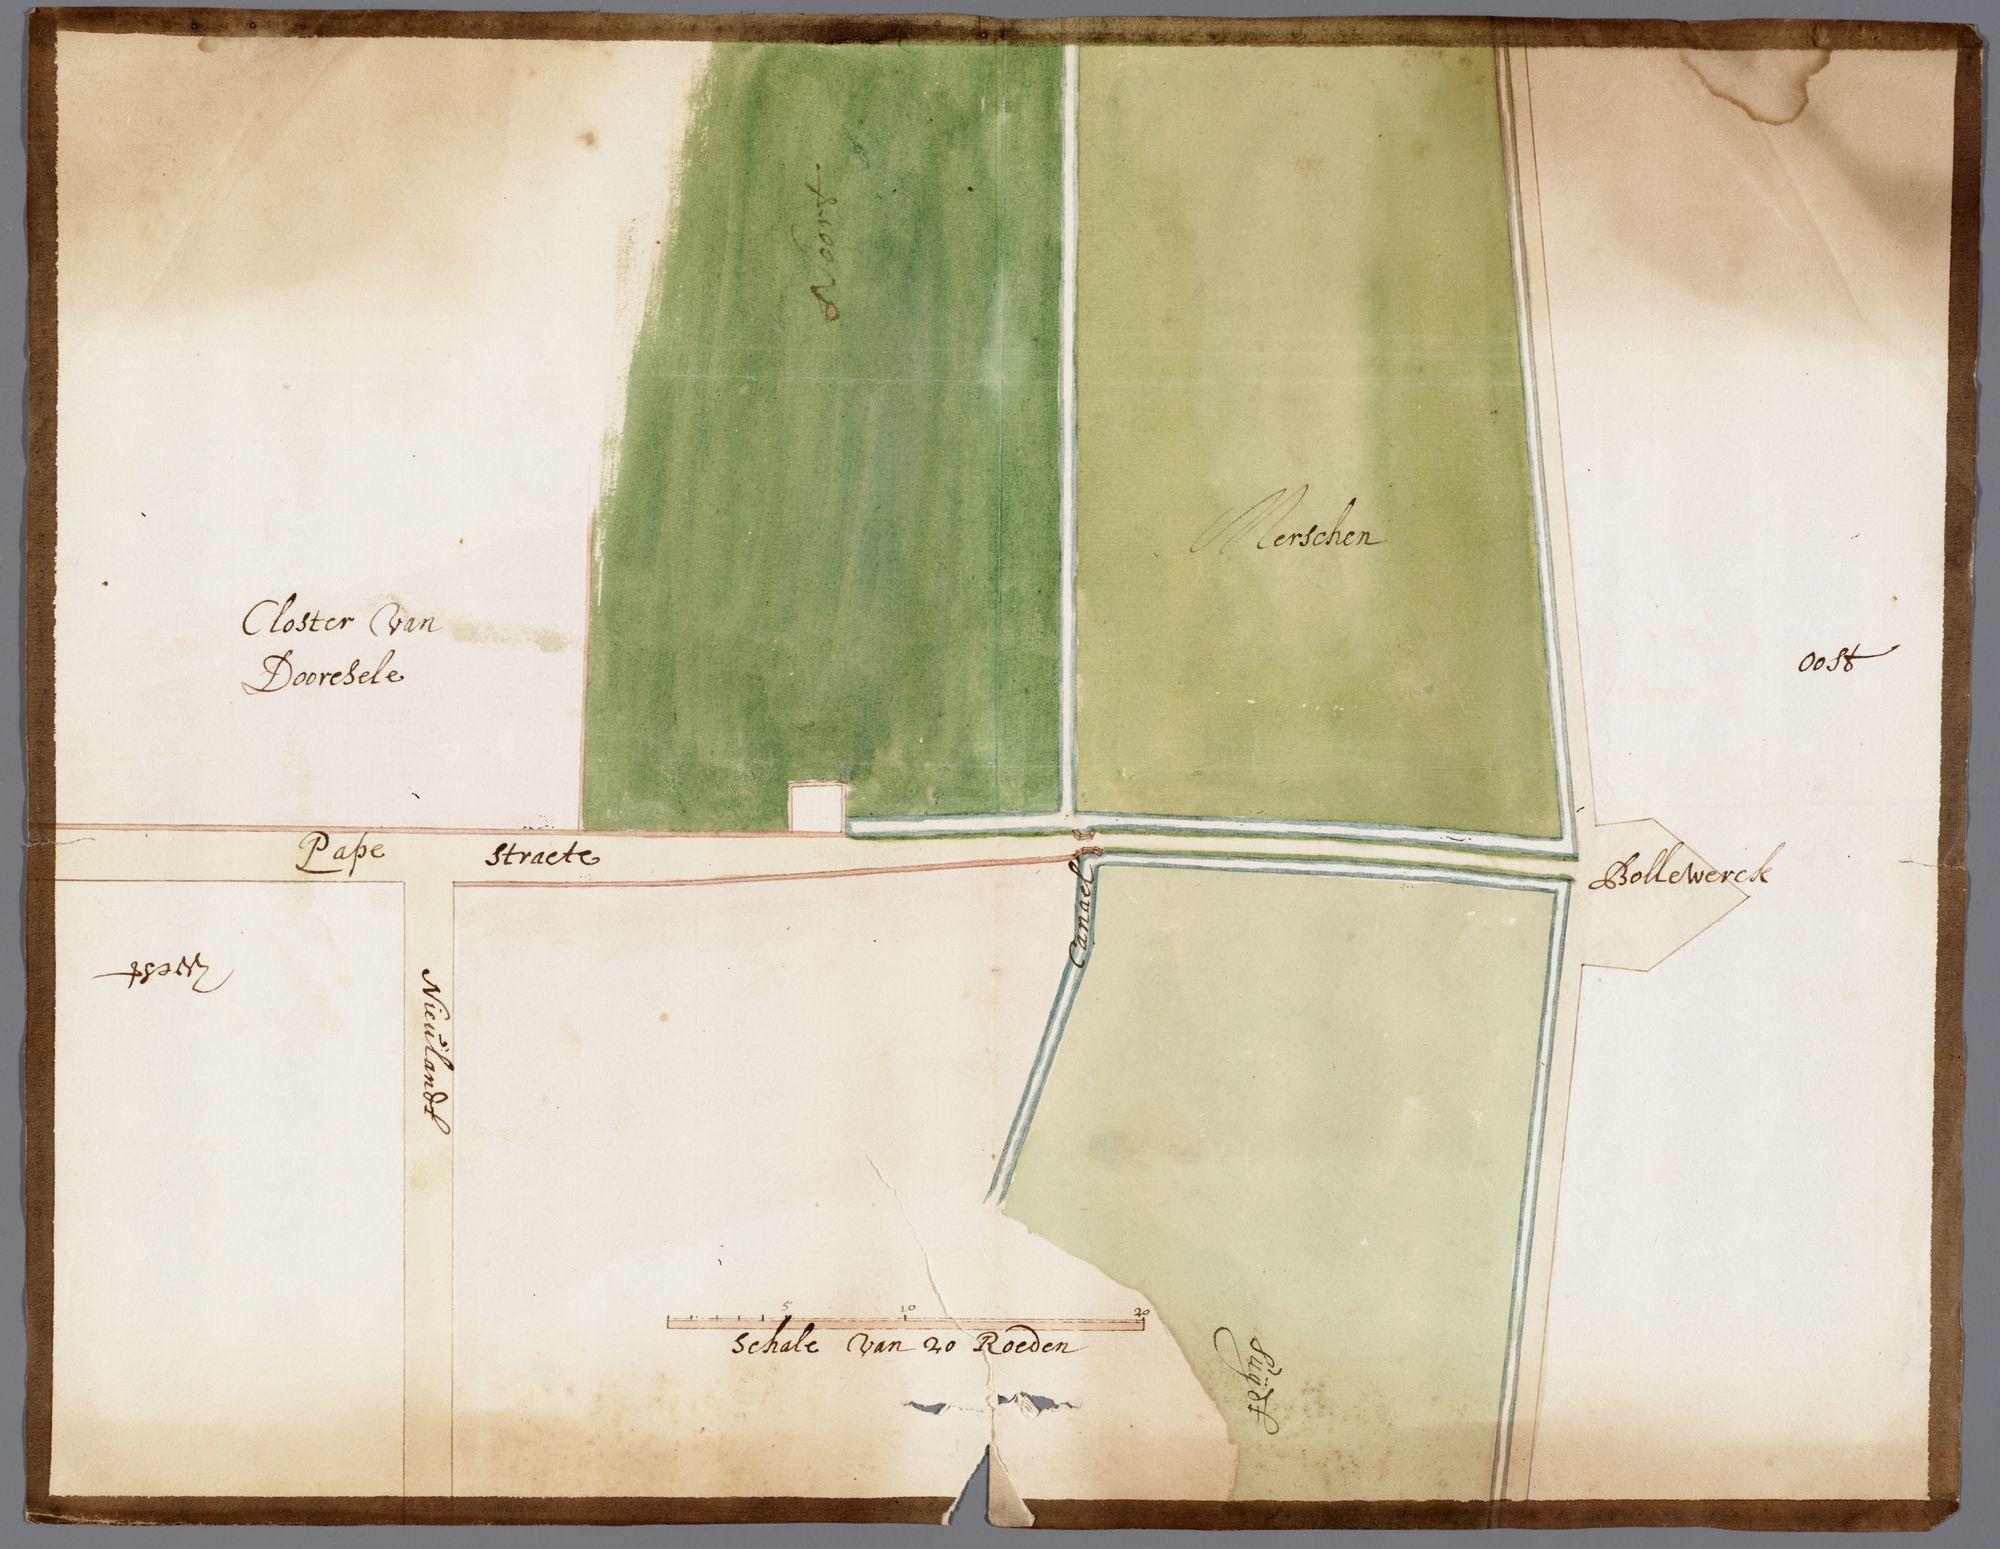 Gent: Doornzelestraat, 1670: kaart van de Doornzelestraat (voorheen Papestraat of Priesterstraat) en omgeving